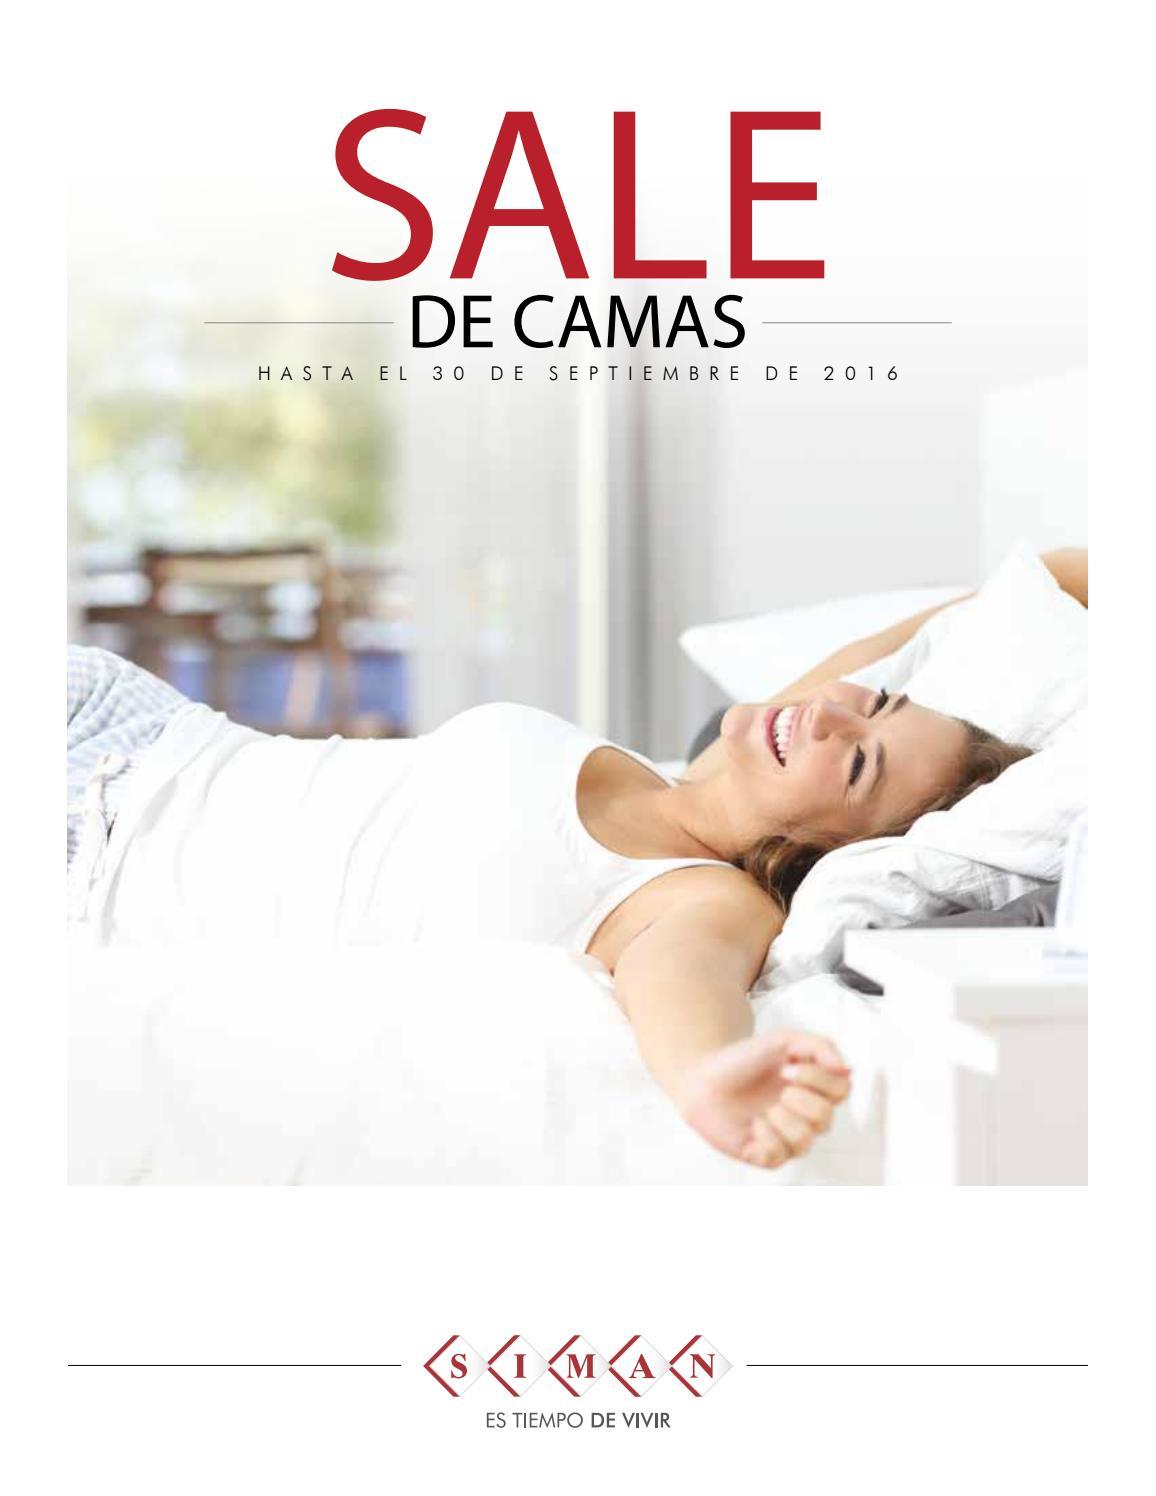 Sale de camas septiembre 2016 siman el salvador ofertas for Ofertas de camas